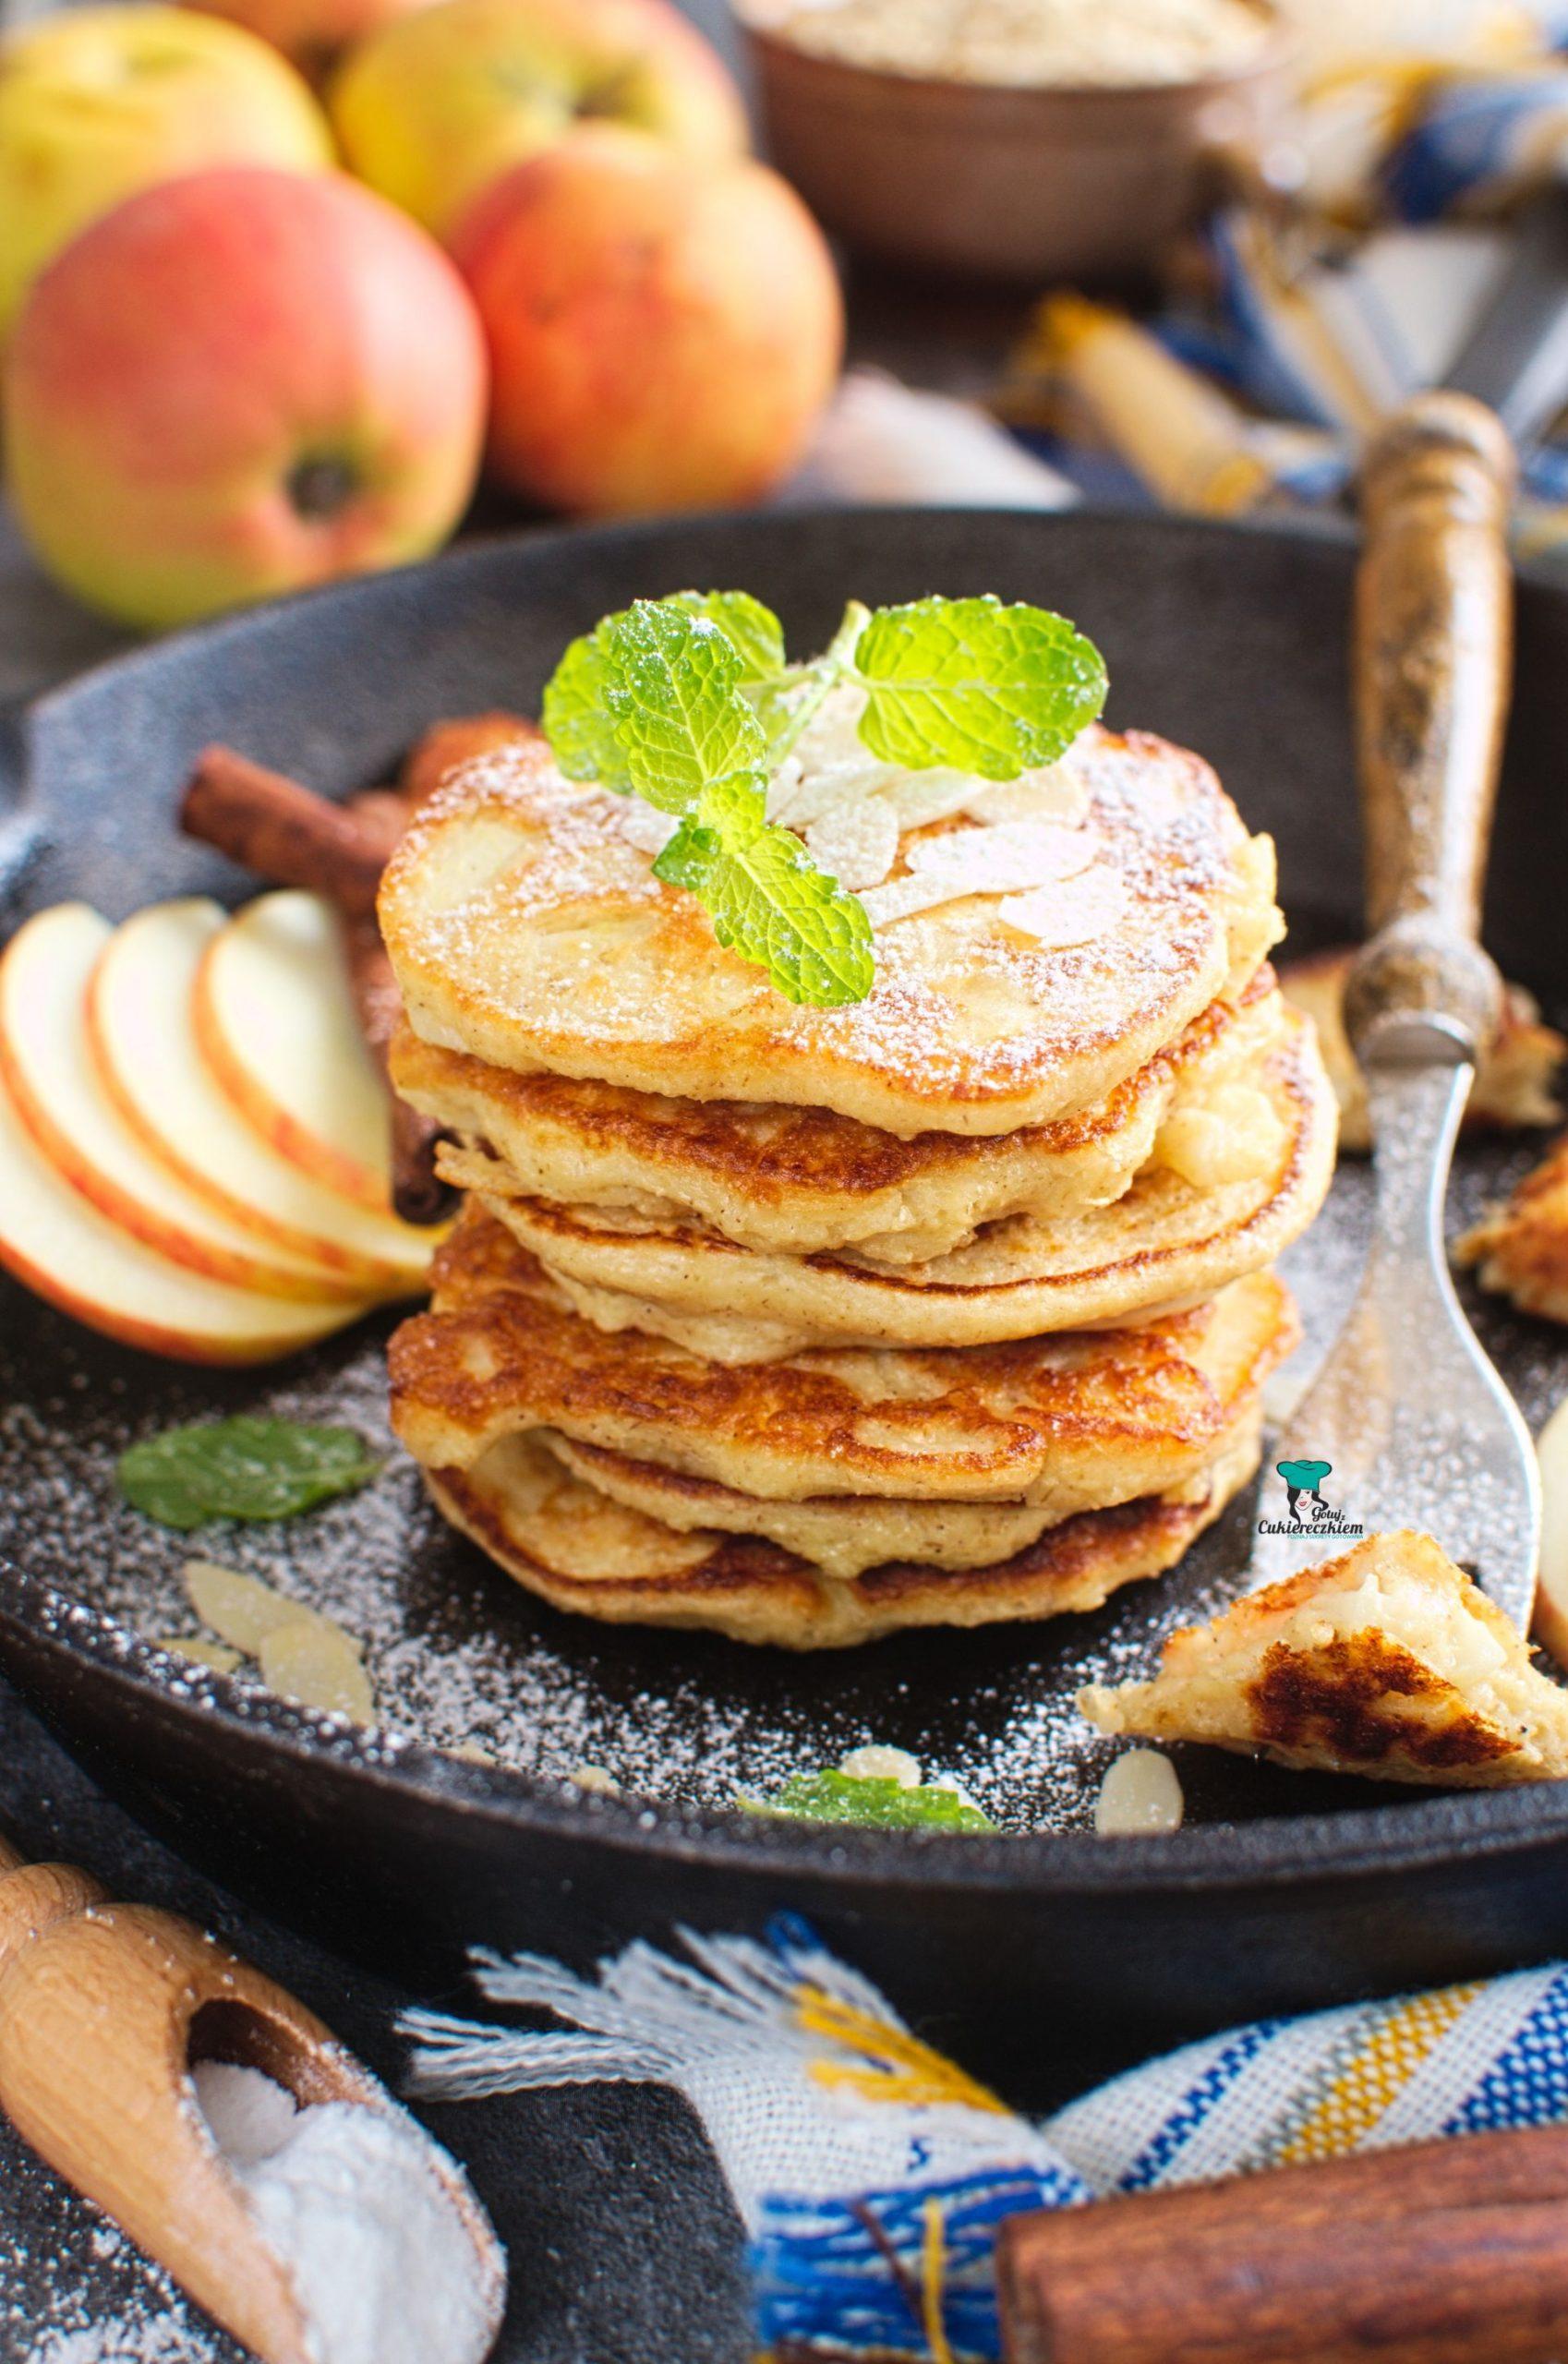 Jogurtowe placki owsiane z jabłkiem